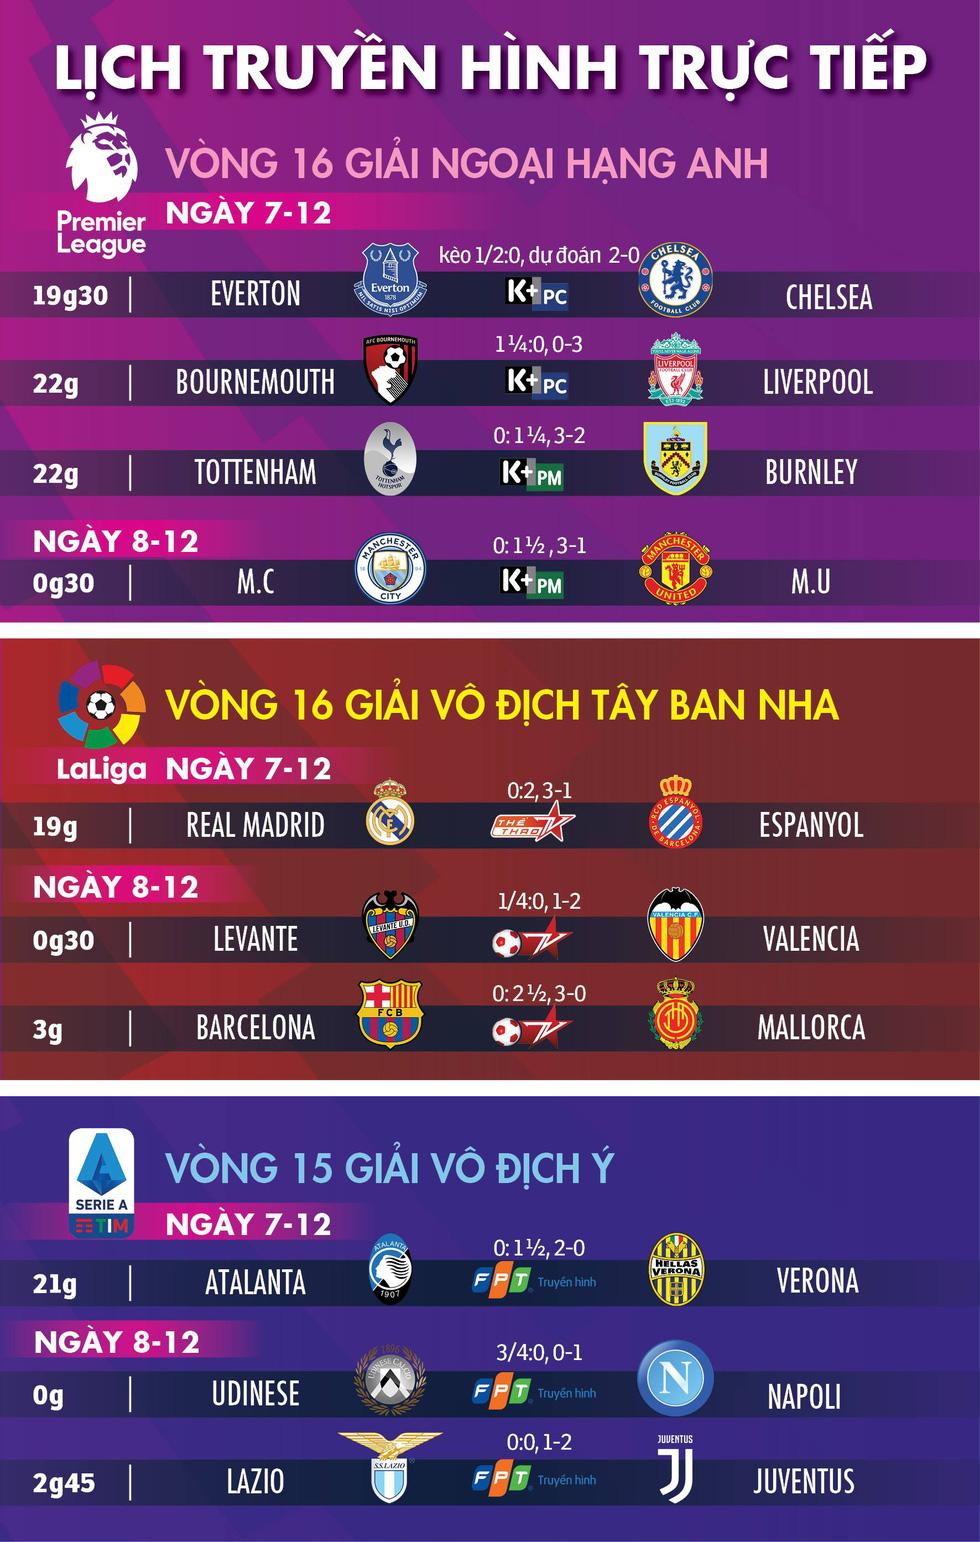 Lịch trực tiếp, kèo nhà cái, dự đoán kết quả bóng đá châu Âu ngày 7-12 - Ảnh 1.